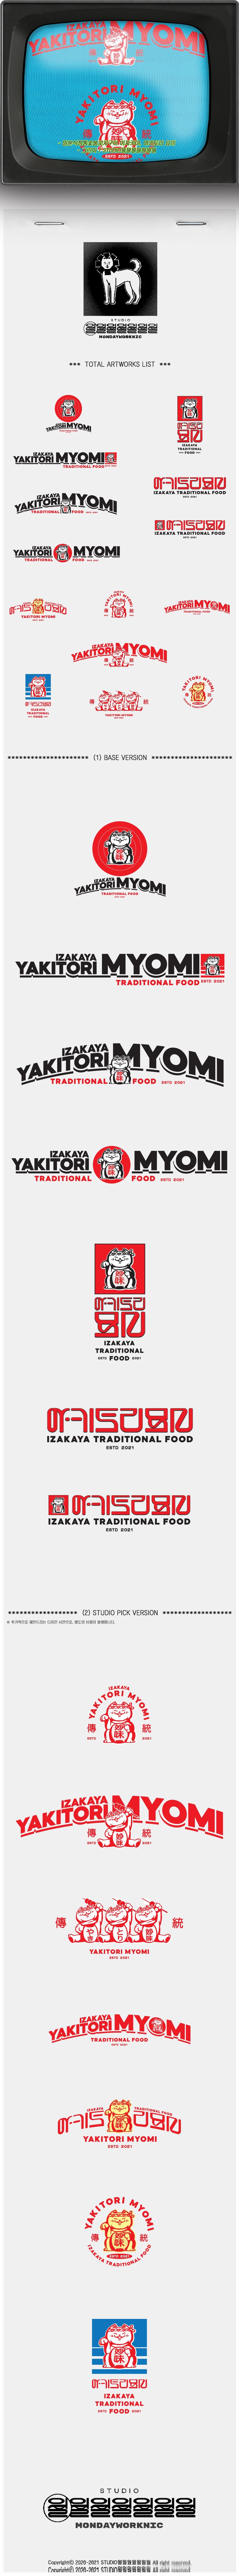 로고+간판 디자인 | 이자카야 묘미 로고 디자인 의뢰 | 라우드소싱 포트폴리오